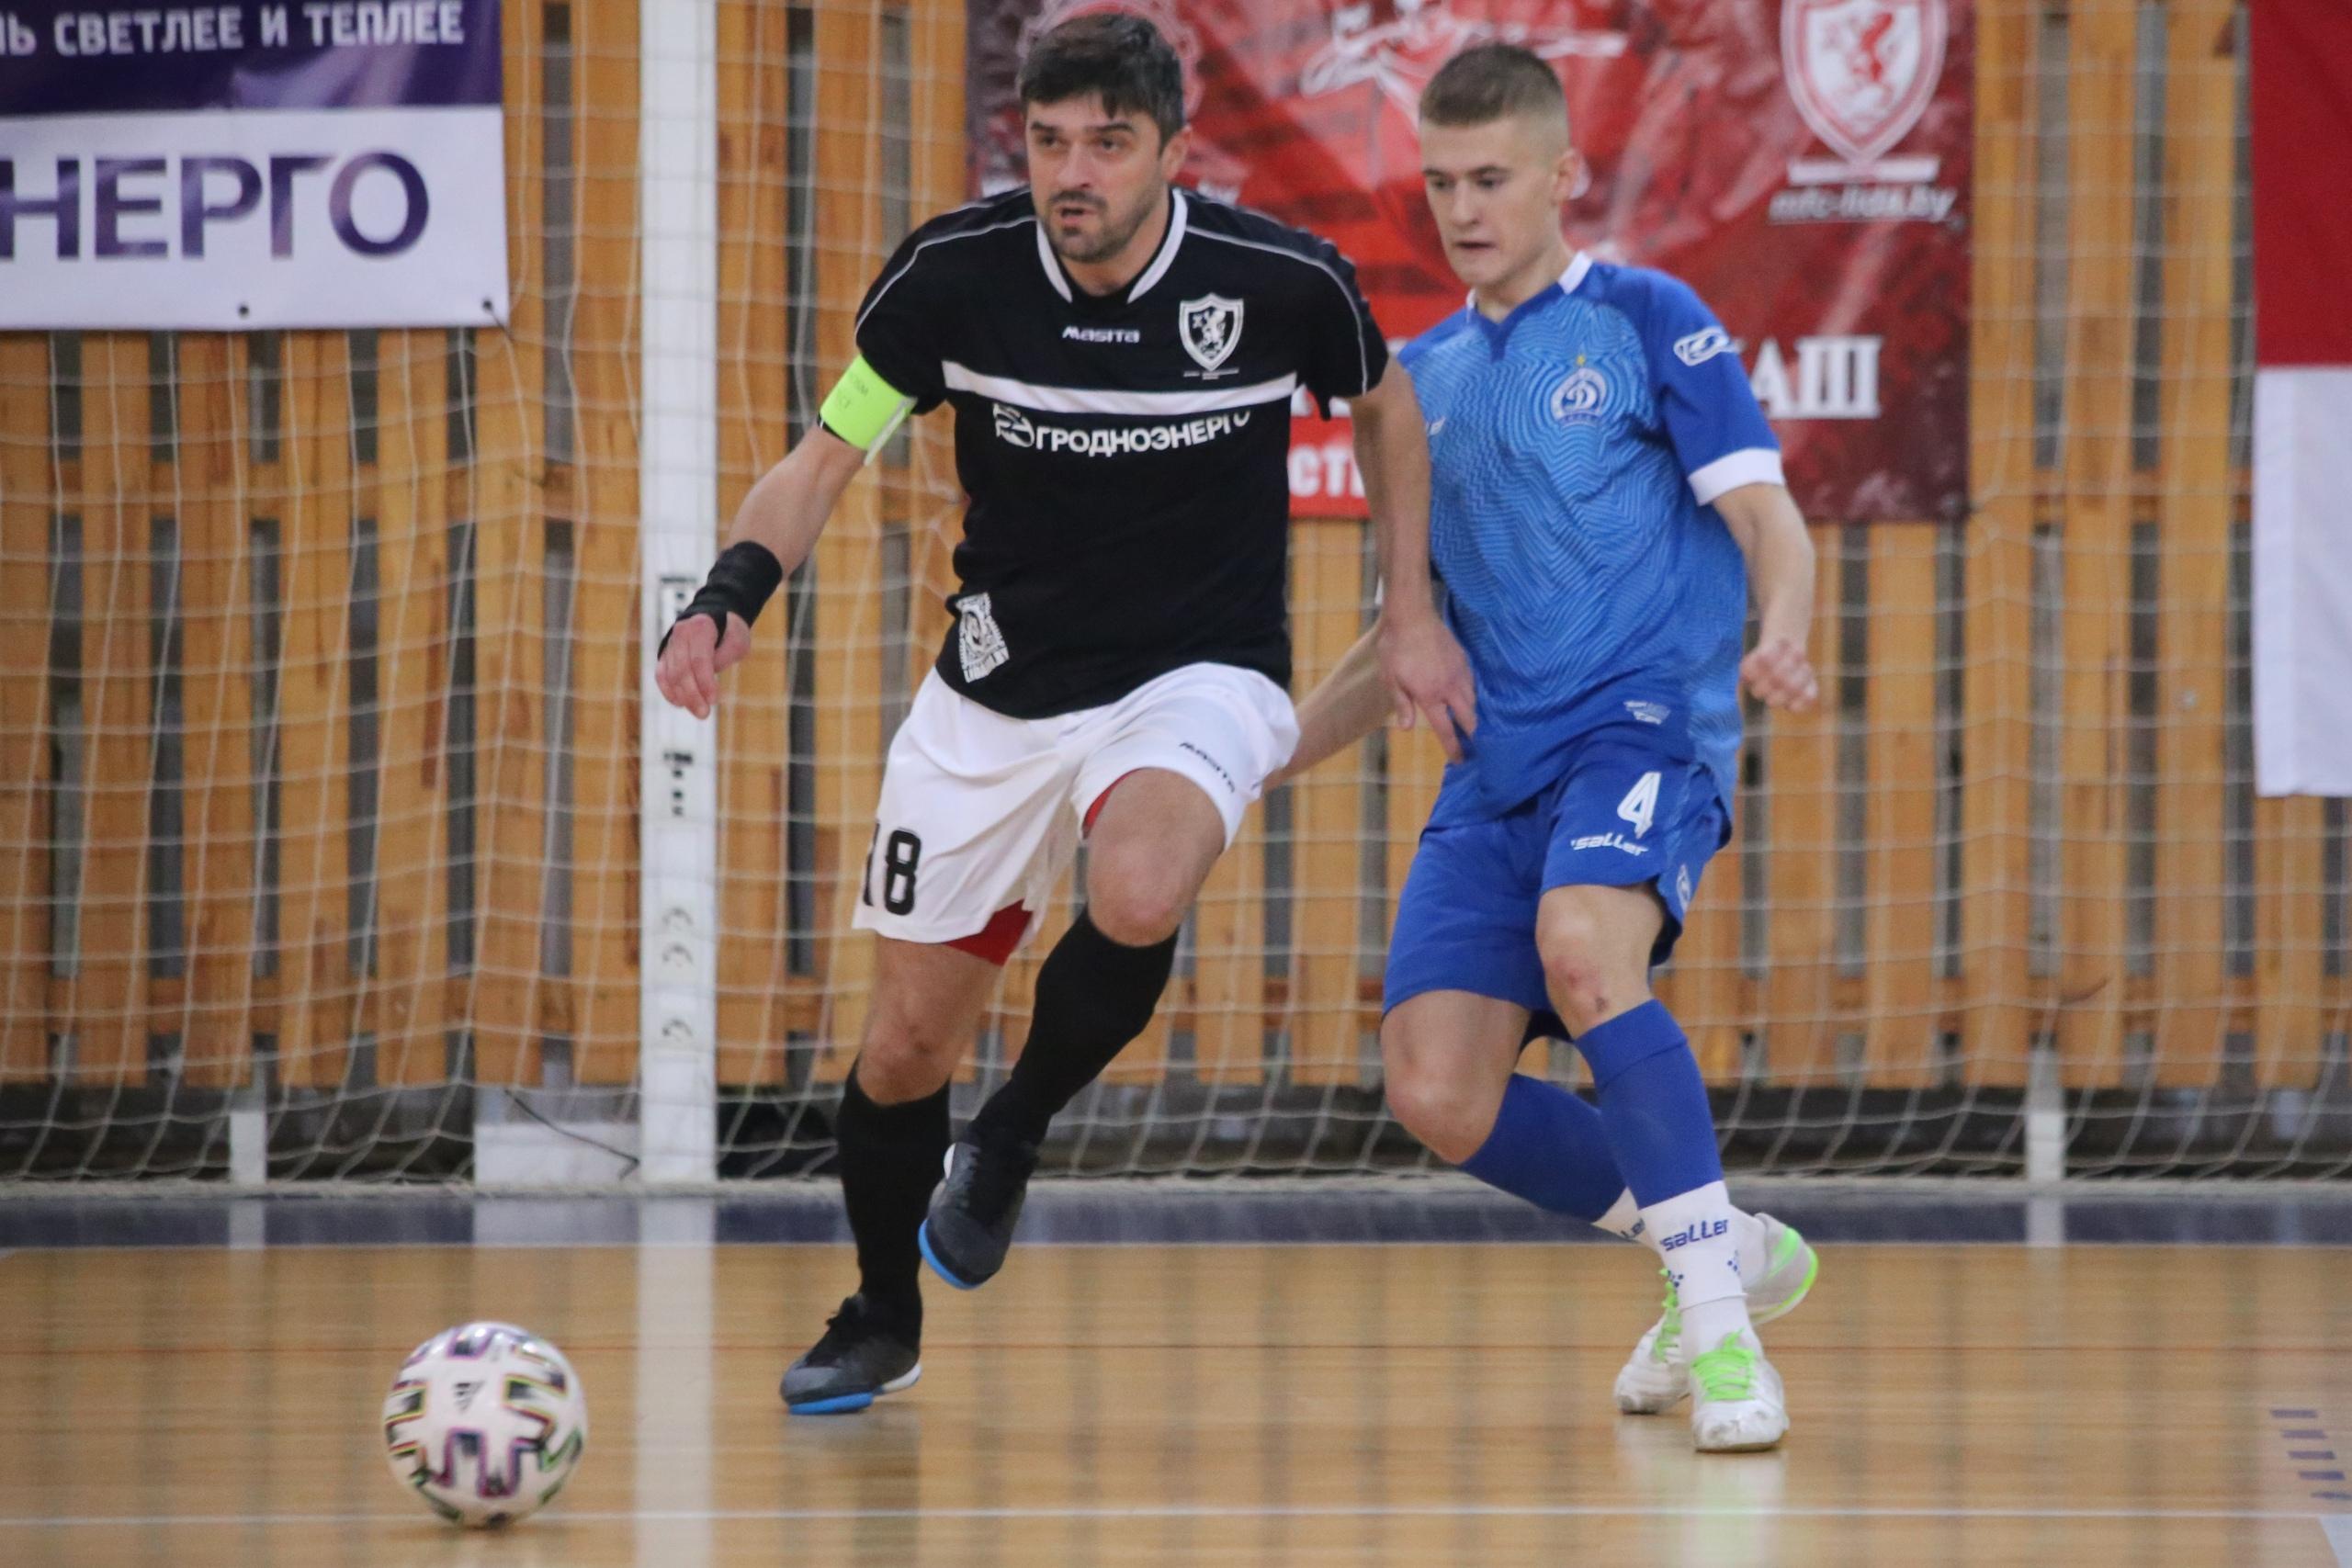 Мини-футбольный клуб «Лида» провел матч 11-го тура чемпионата страны